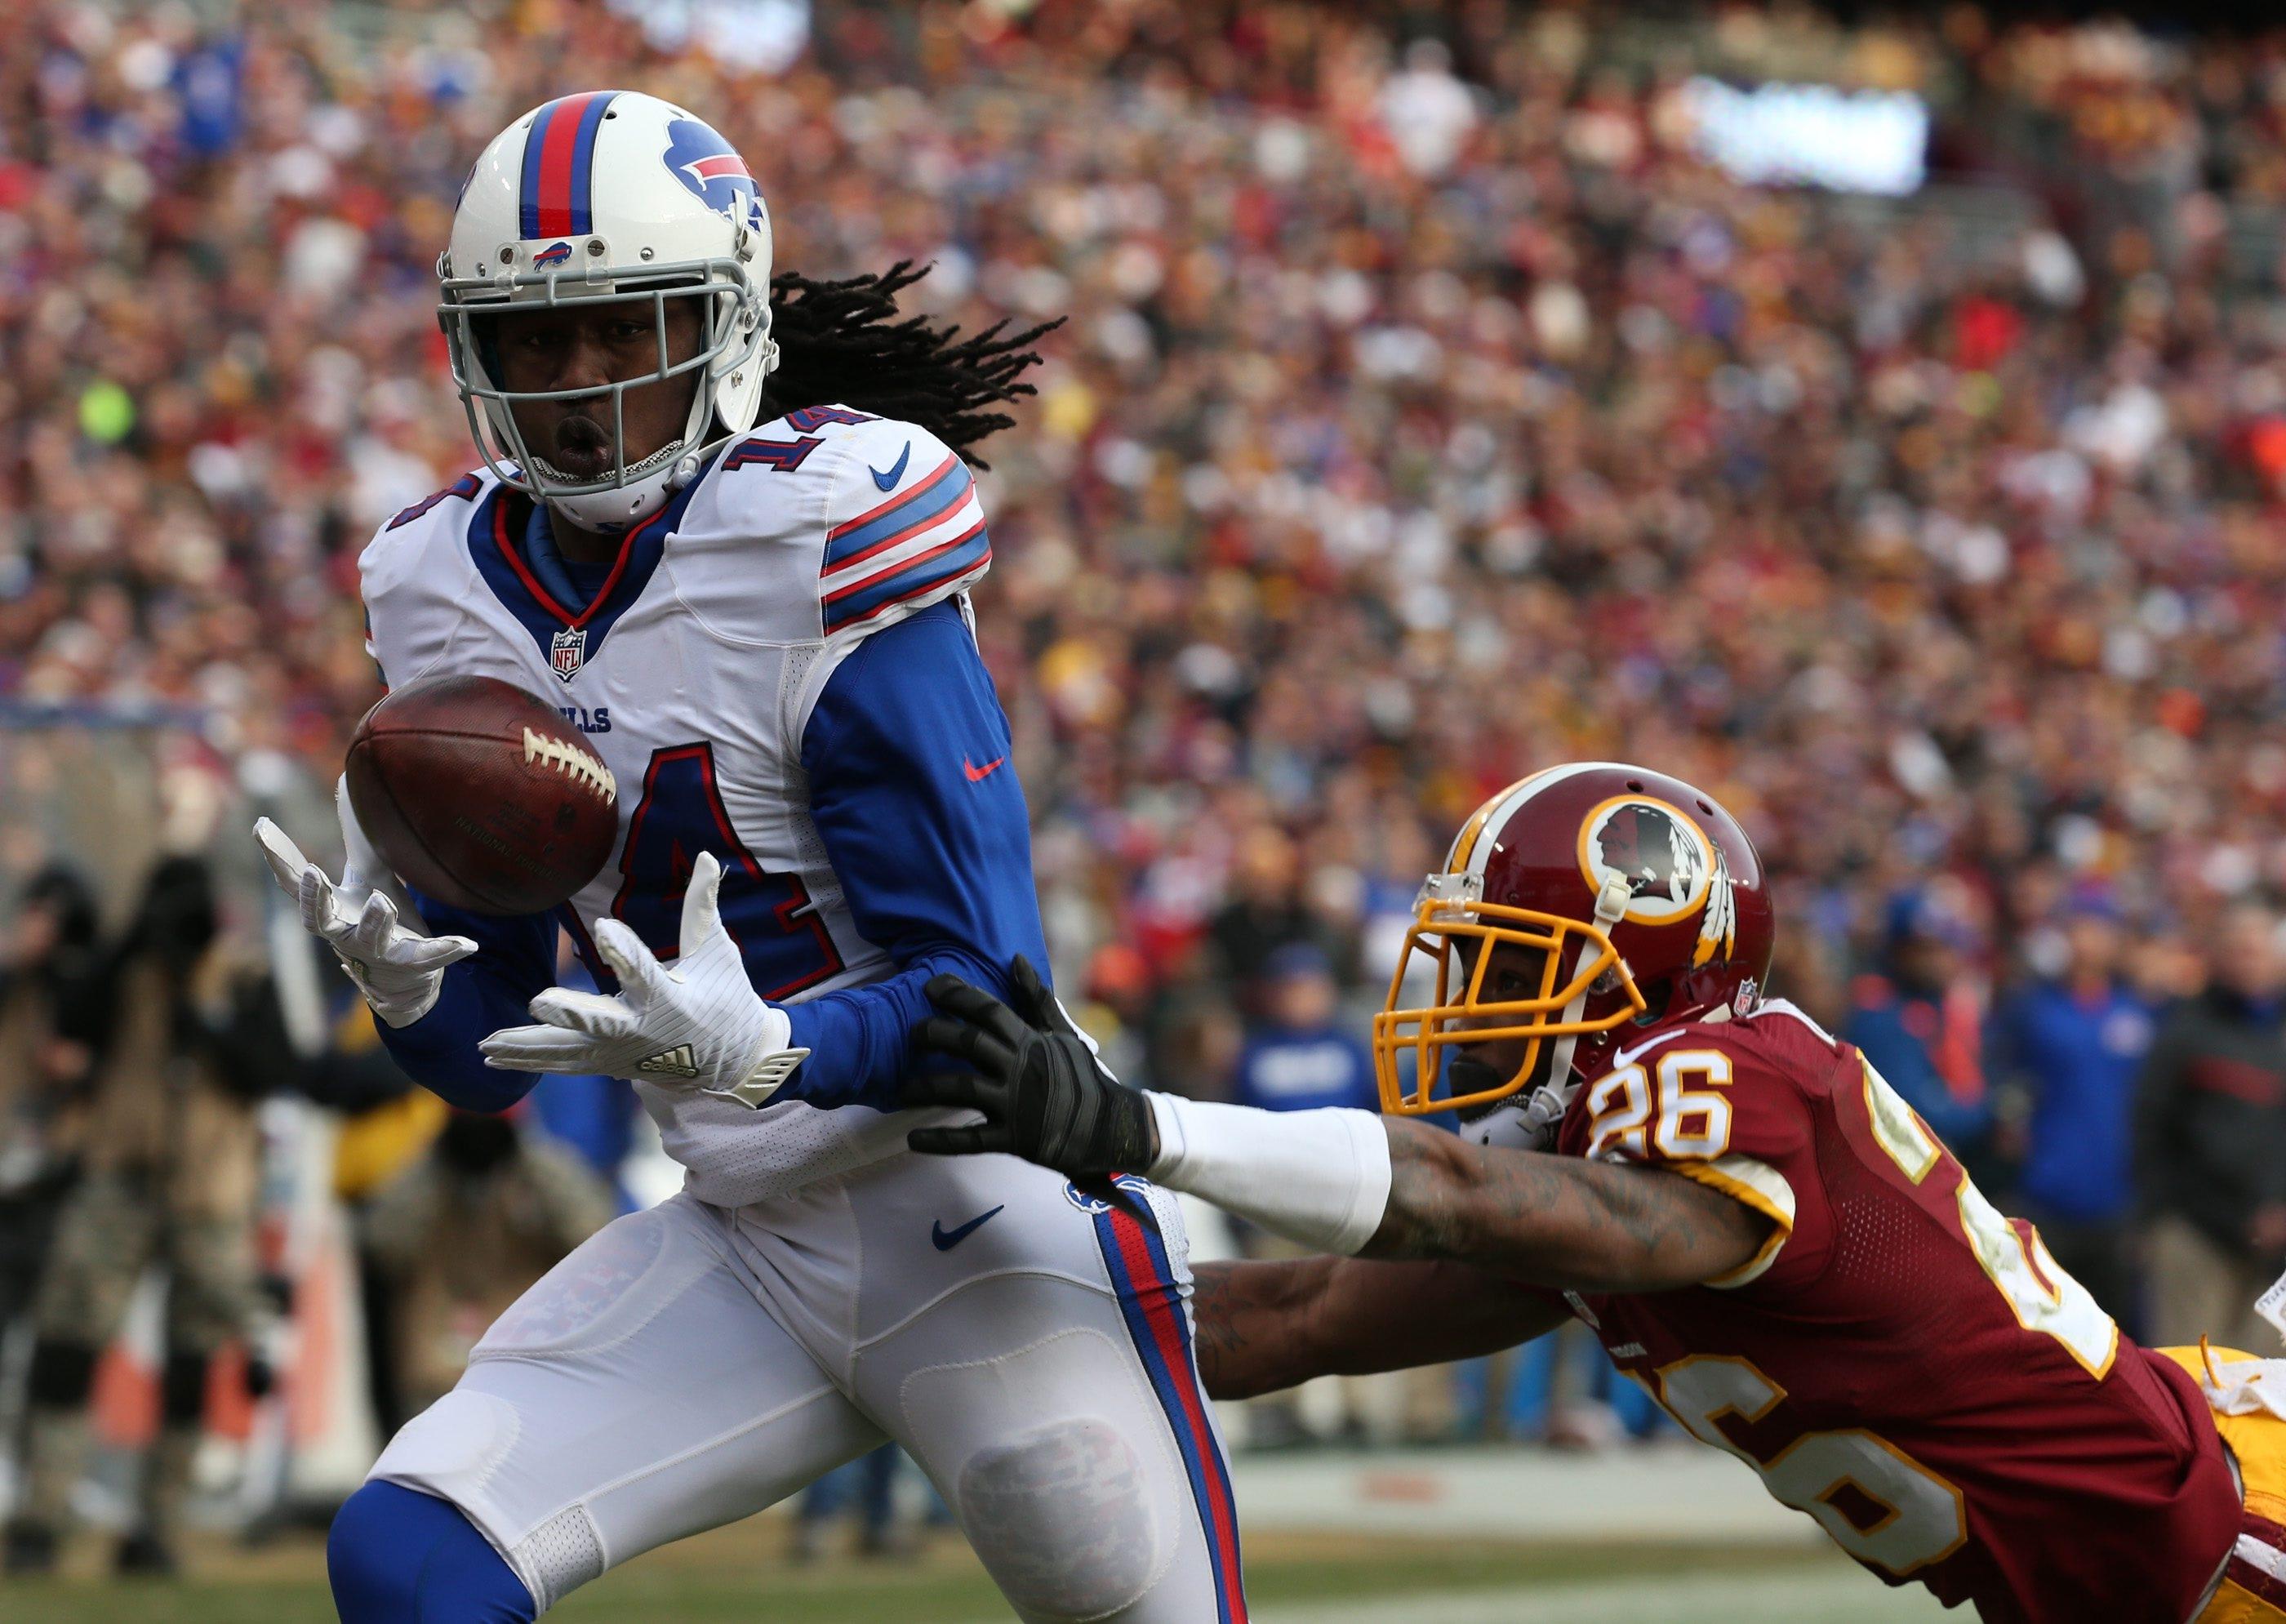 Bills wide receiver Sammy Watkins beats Redskins cornerback Bashaud Breeland for a 48-yard touchdown in the third quarter.